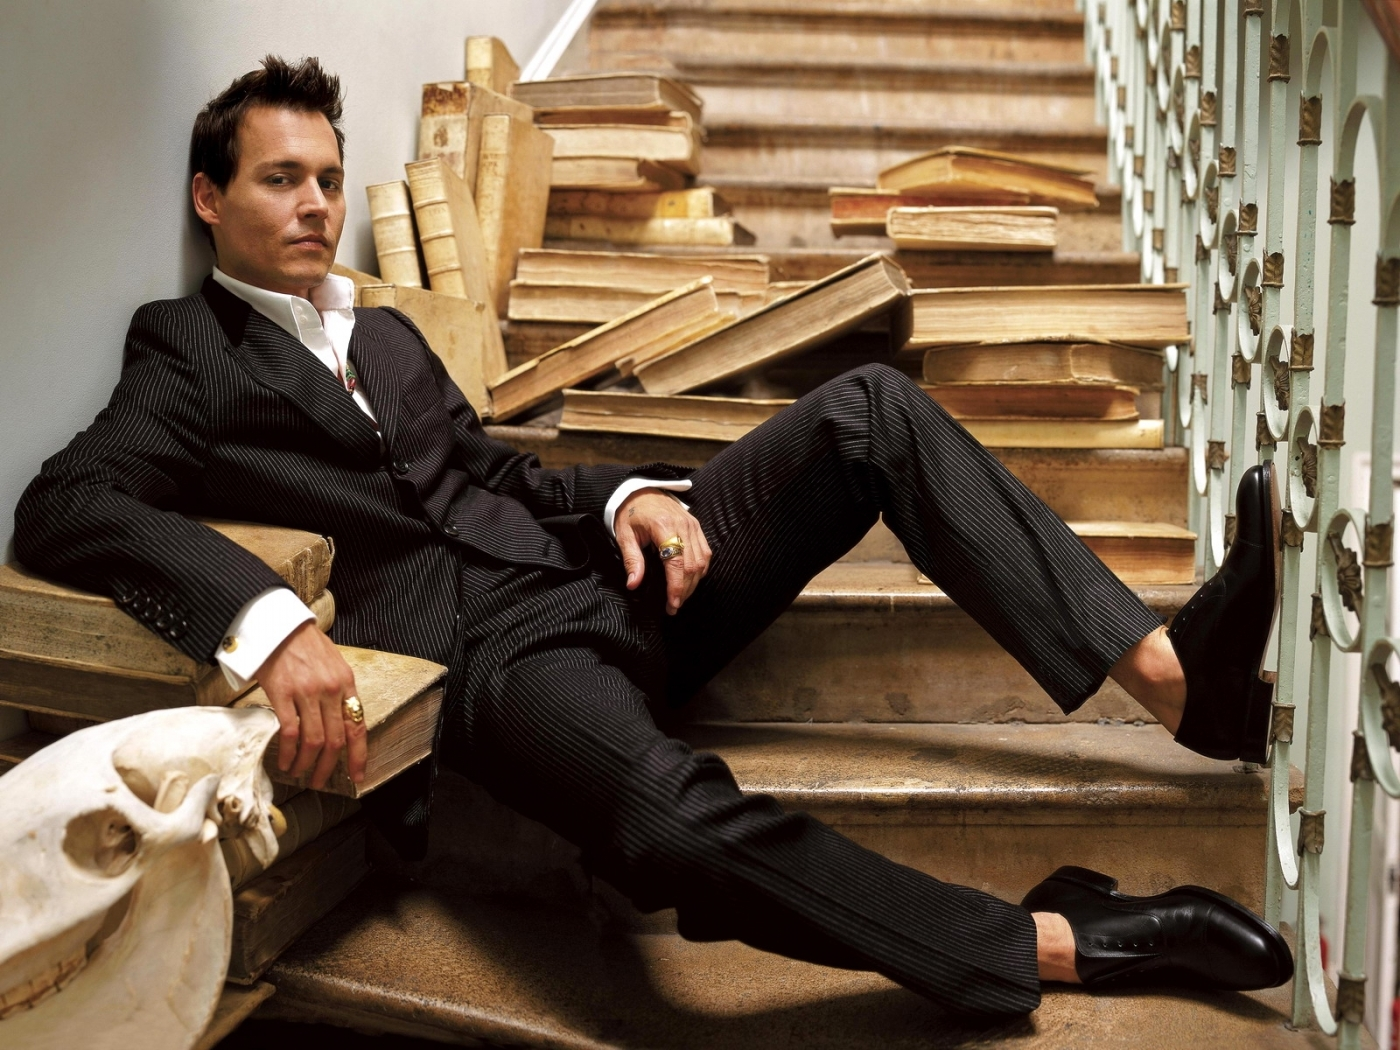 26624 Заставки и Обои Джонни Депп (Johnny Depp) на телефон. Скачать Люди, Актеры, Мужчины, Джонни Депп (Johnny Depp) картинки бесплатно